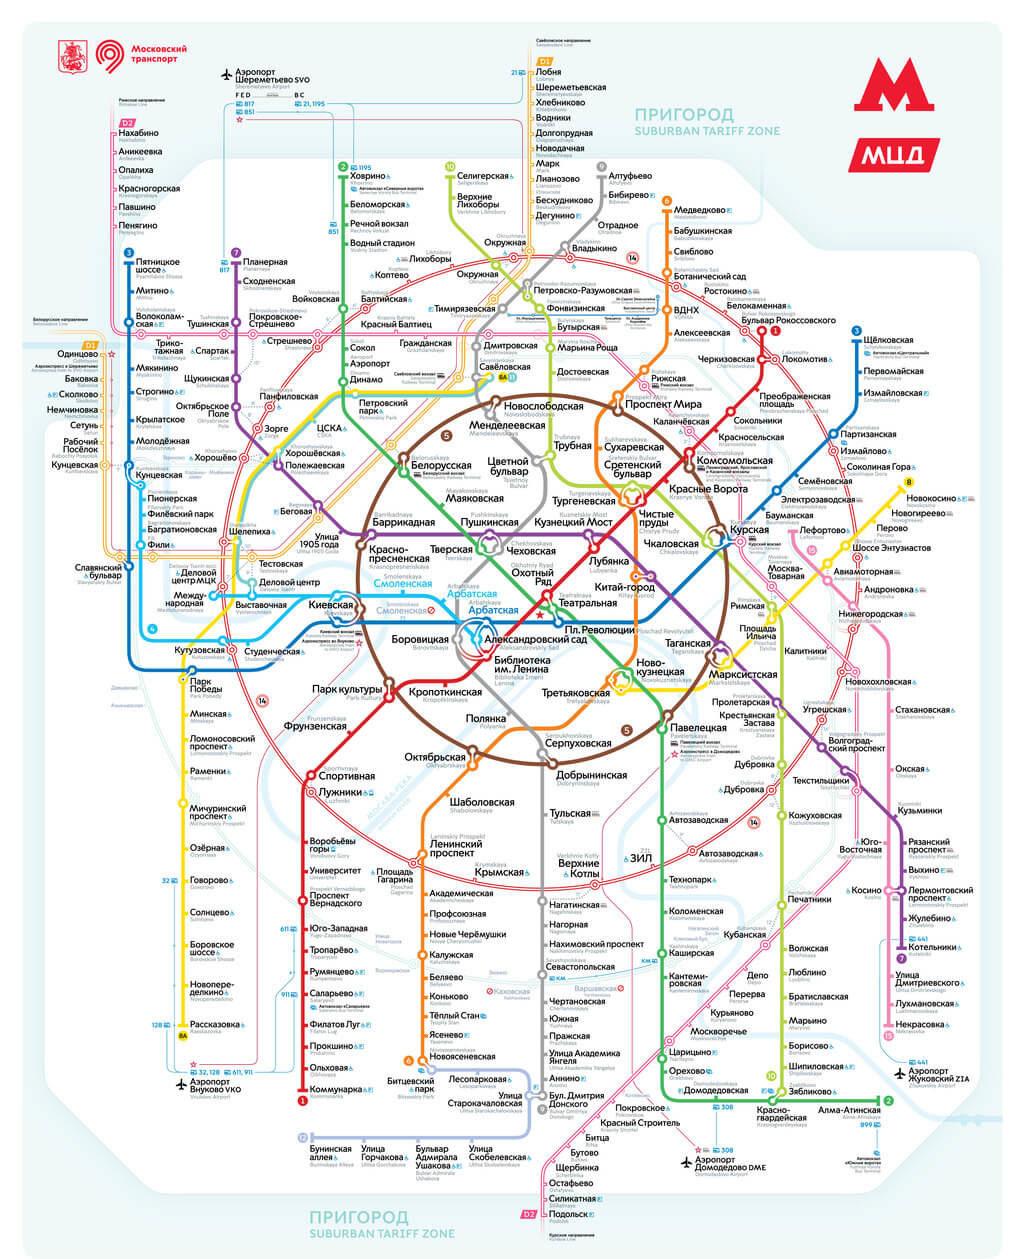 Mapa del metro de Moscú